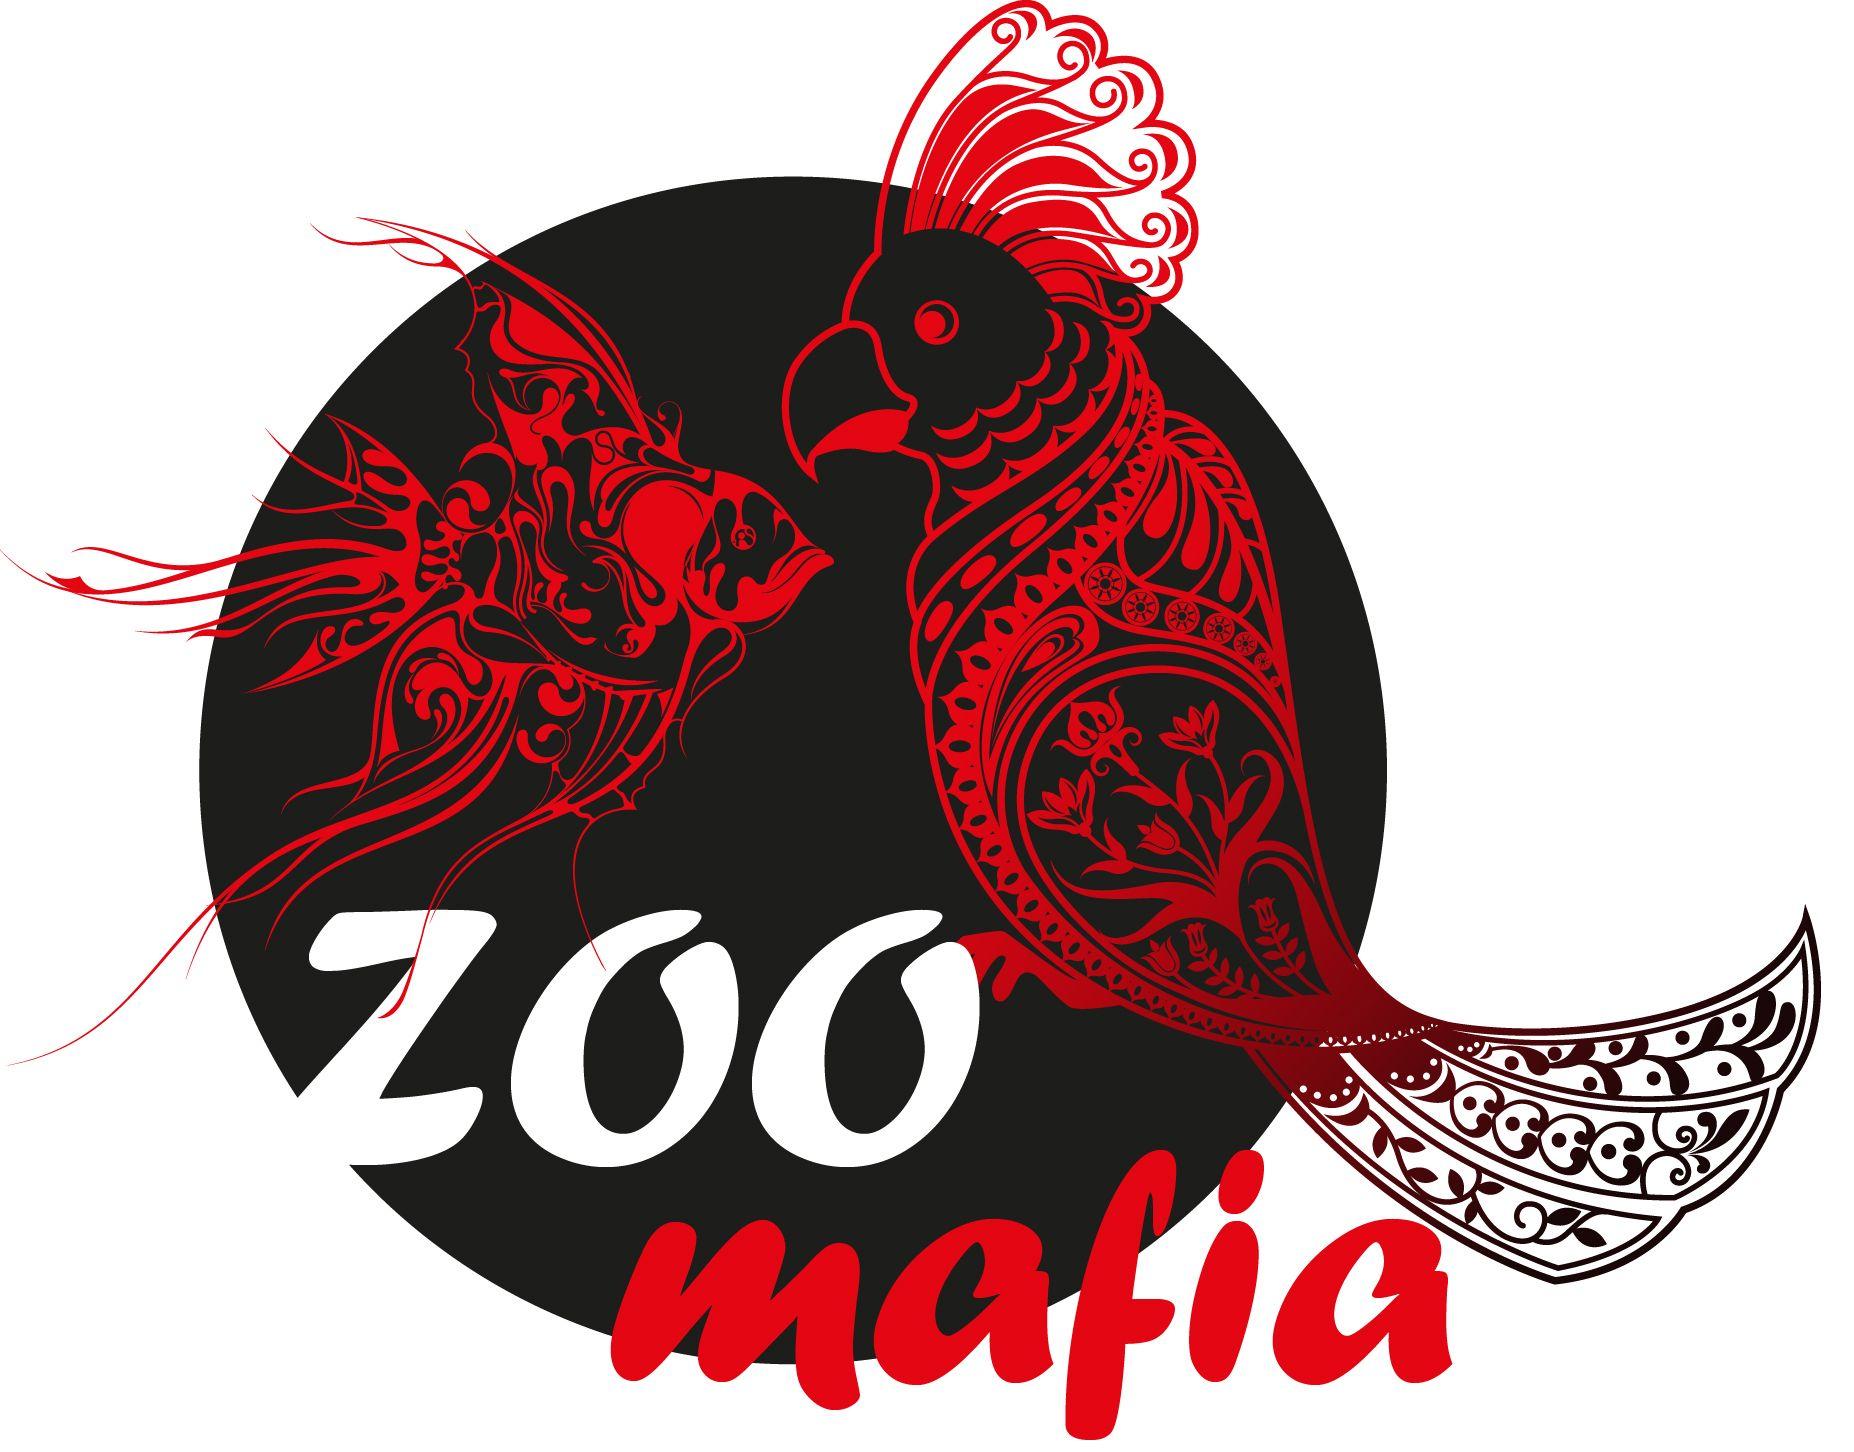 Логотип для интернет магазина зоотоваров - дизайнер Gord-em